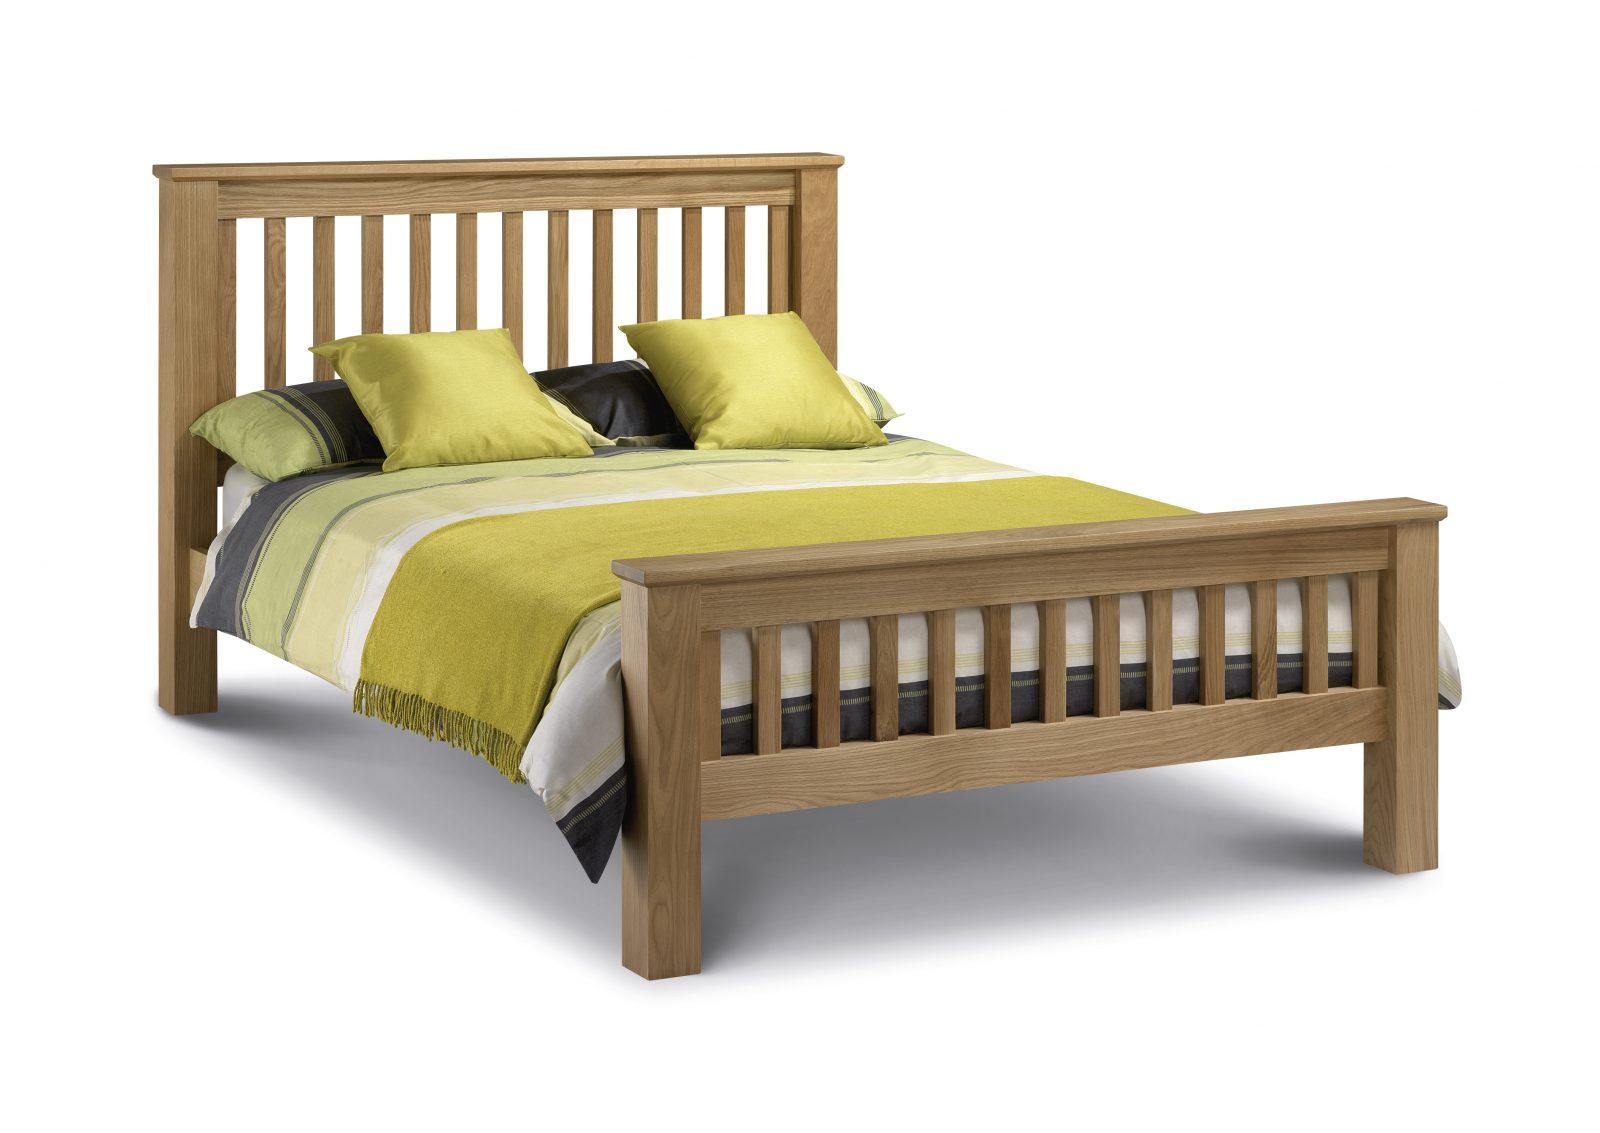 Amsterdam King Size Oak Bed Frame